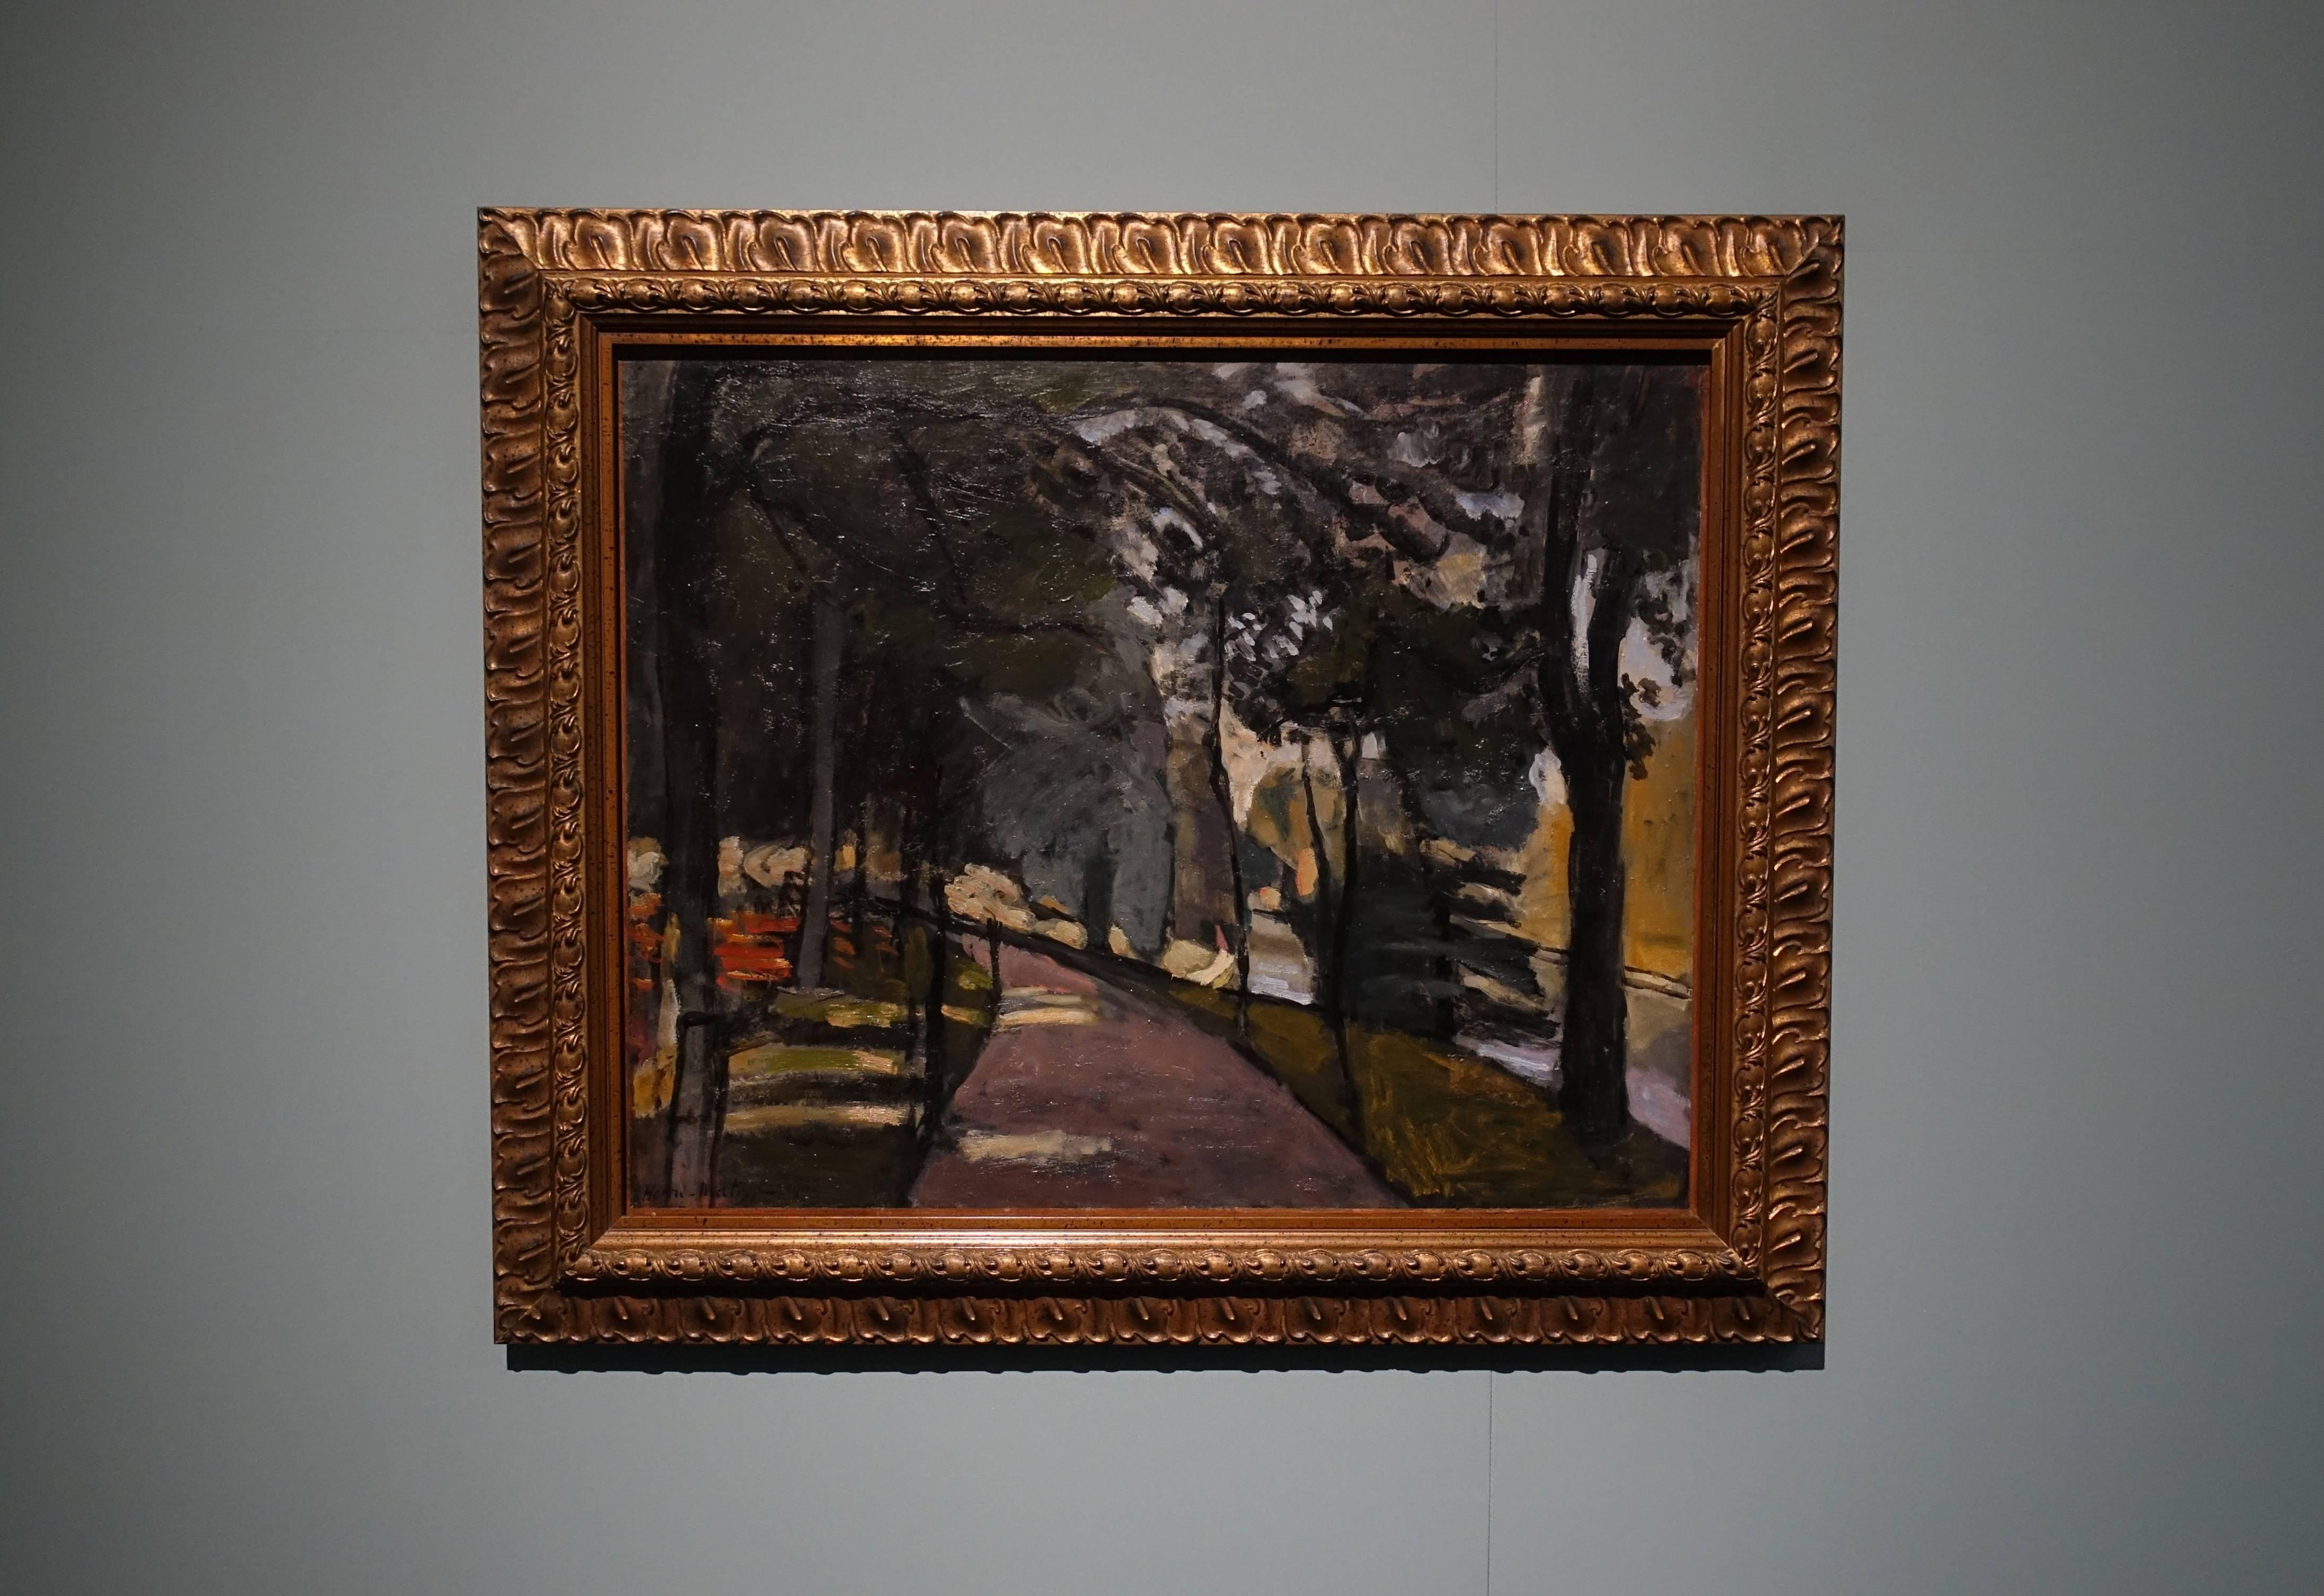 亨利•馬諦斯 Henri Matisse ,《布洛涅森林 Bois de Boulogne》,油彩、畫布 Oil on canvas,1902。